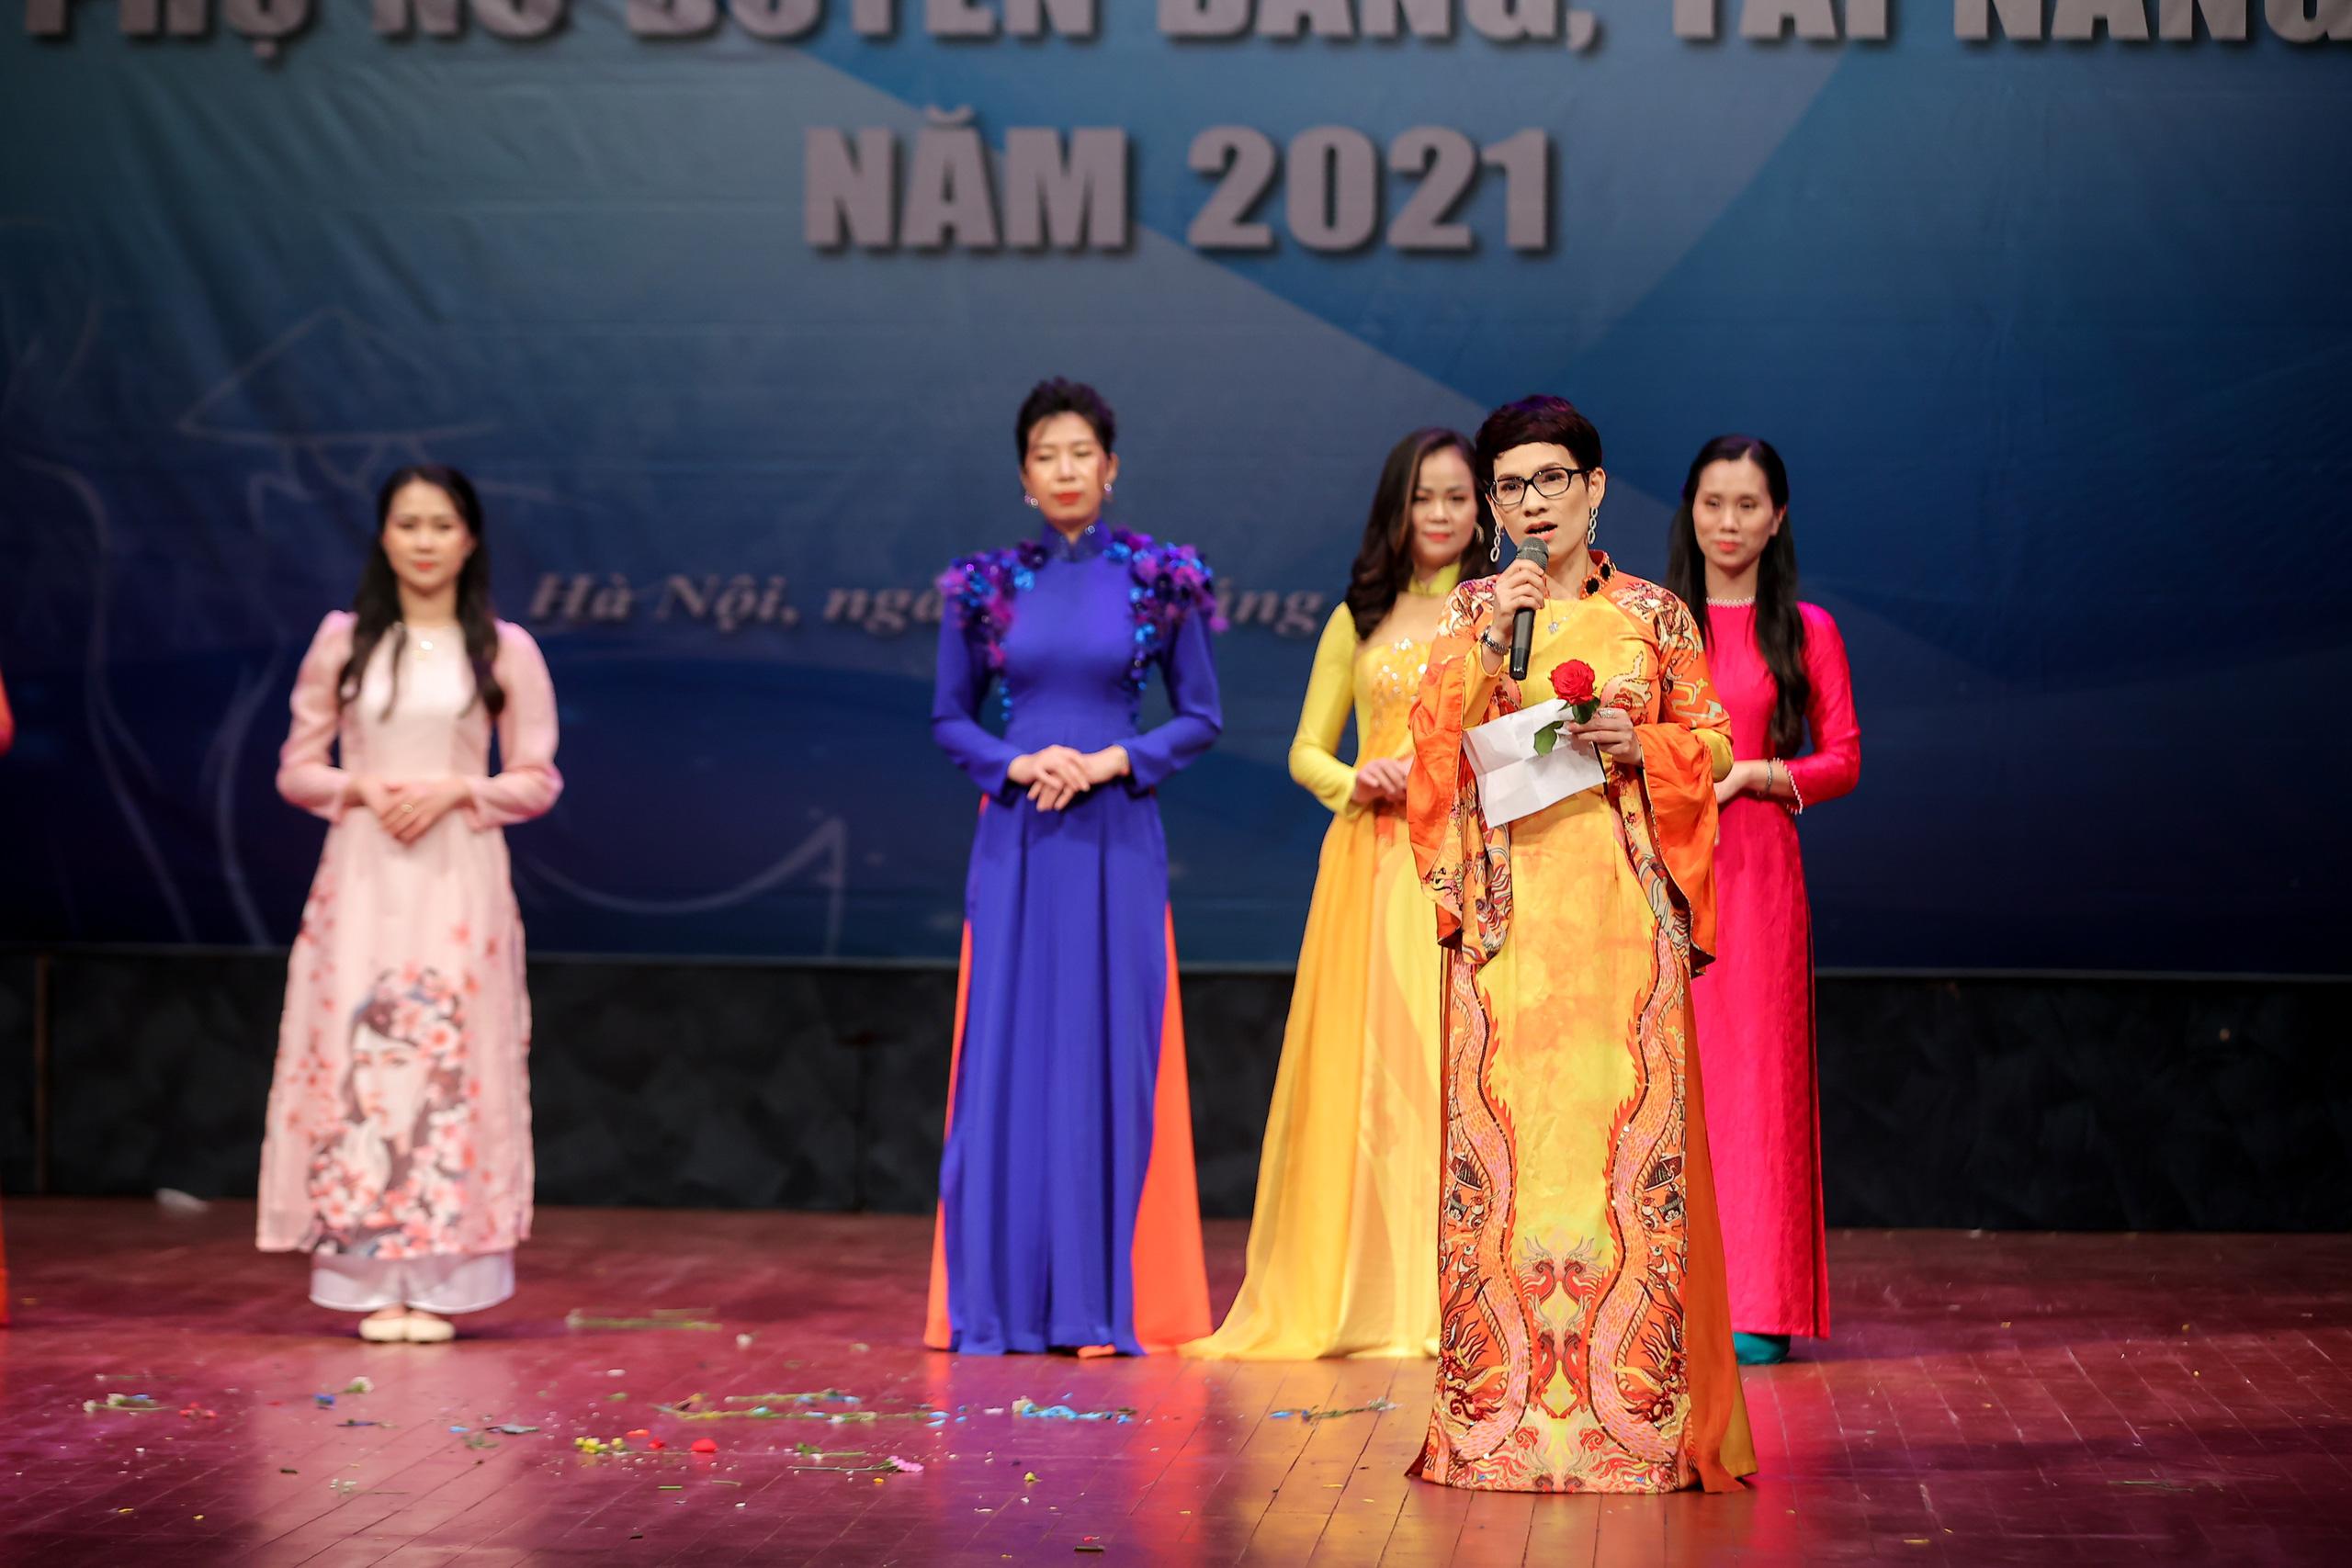 """Nhiều tiết mục ấn tượng trong Hội thi """"Phụ nữ duyên dáng, tài năng"""" năm 2021 - Ảnh 11."""